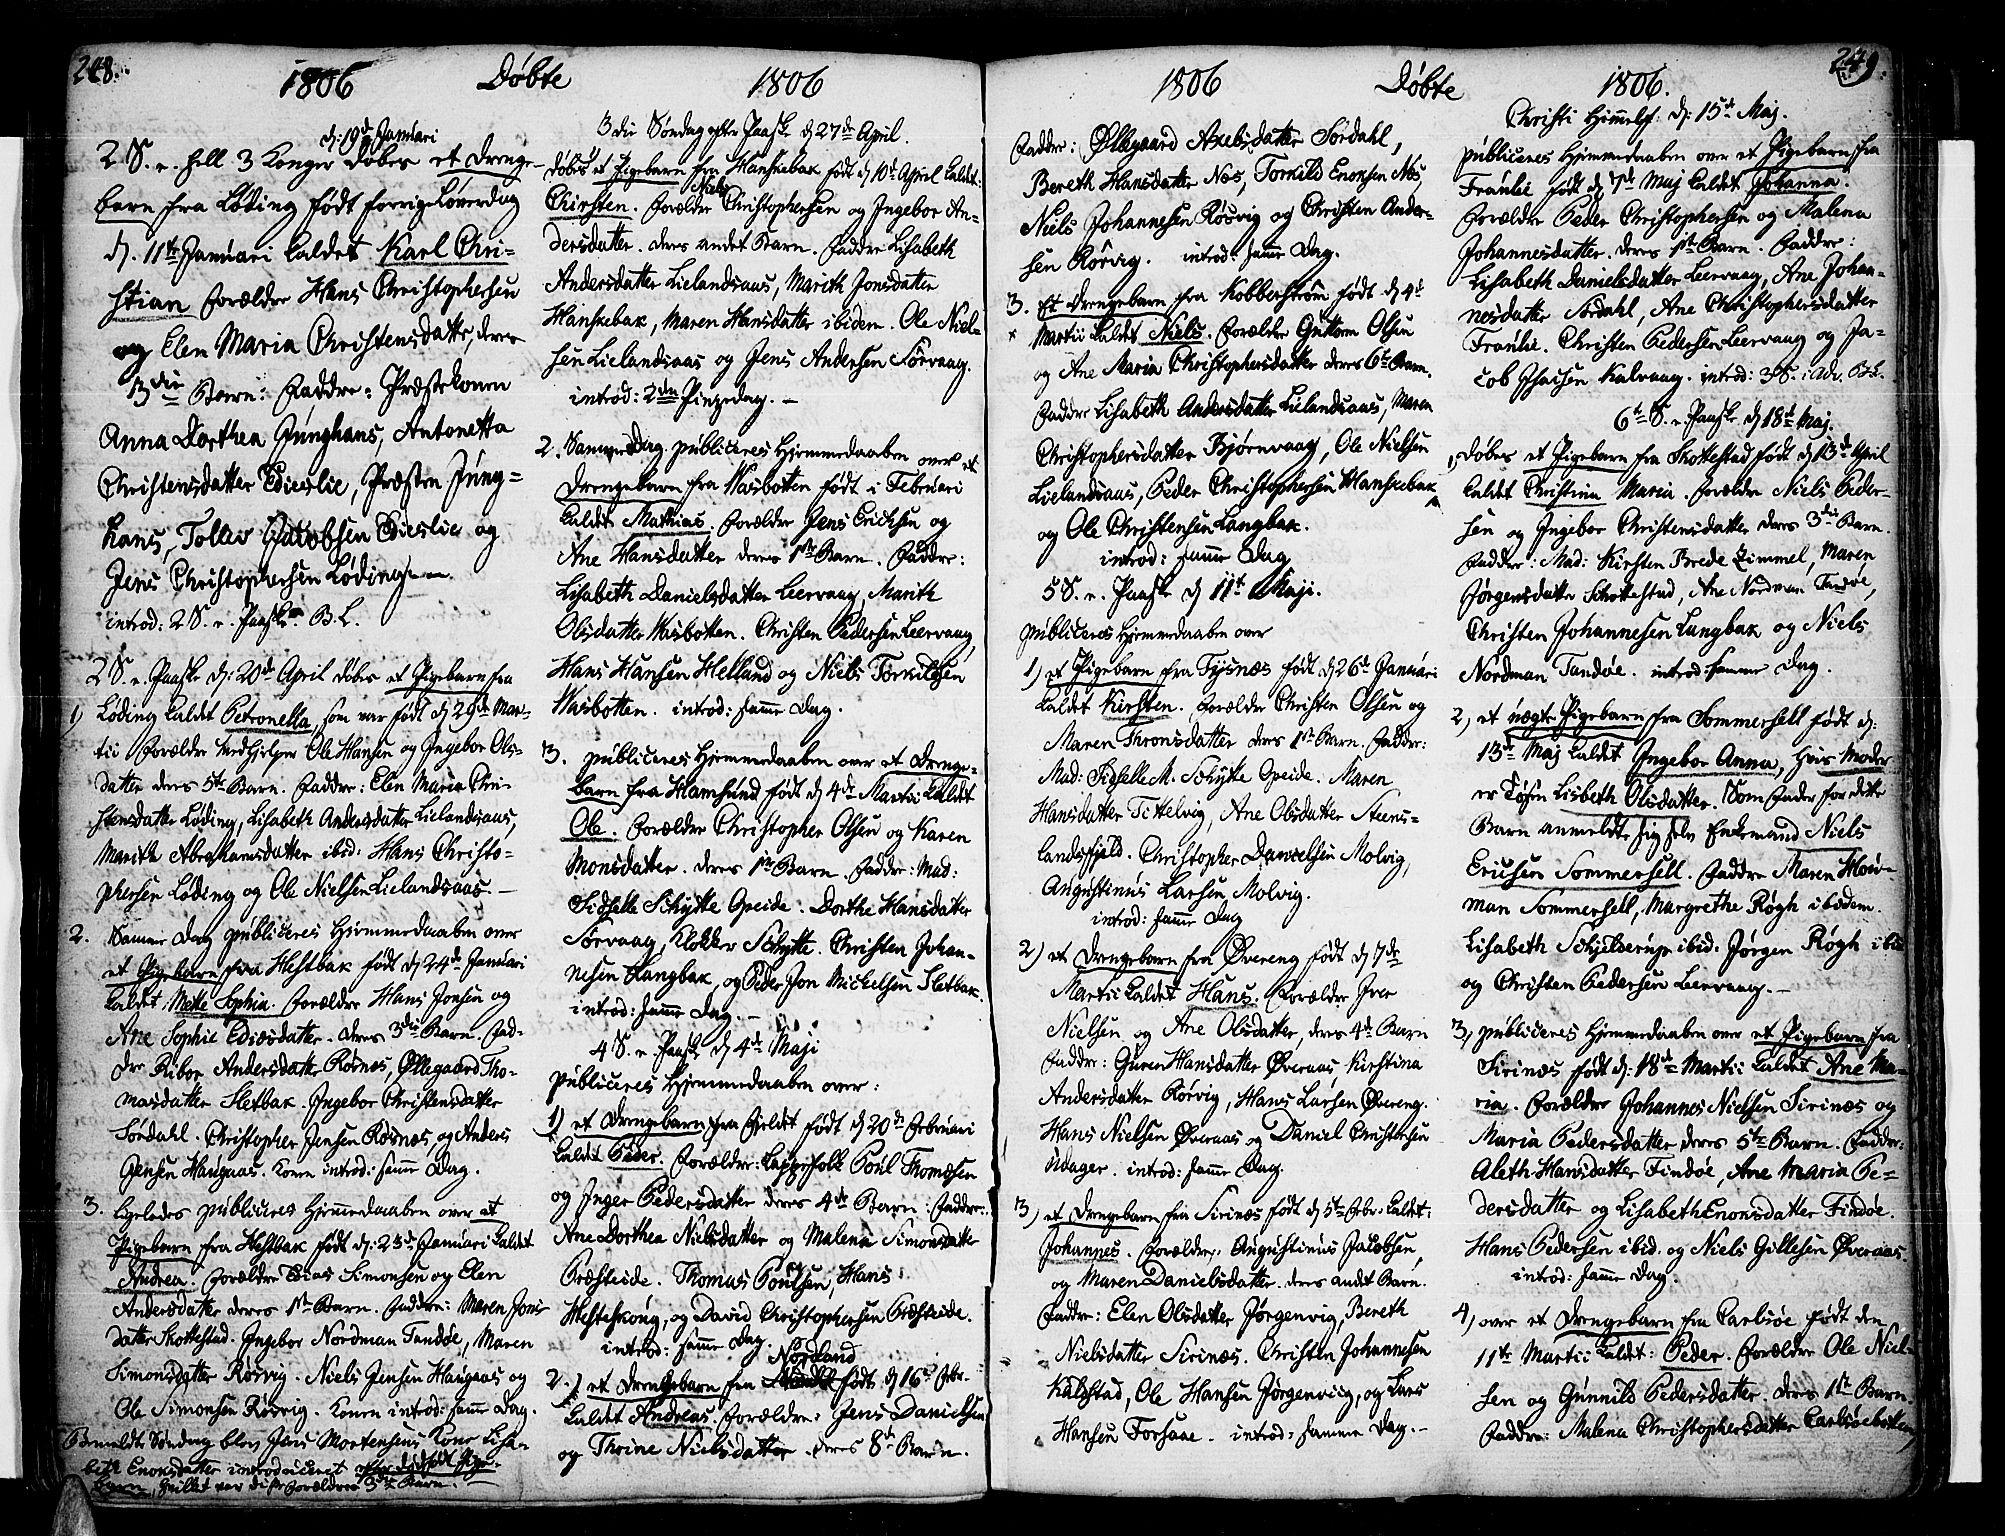 SAT, Ministerialprotokoller, klokkerbøker og fødselsregistre - Nordland, 859/L0841: Parish register (official) no. 859A01, 1766-1821, p. 248-249